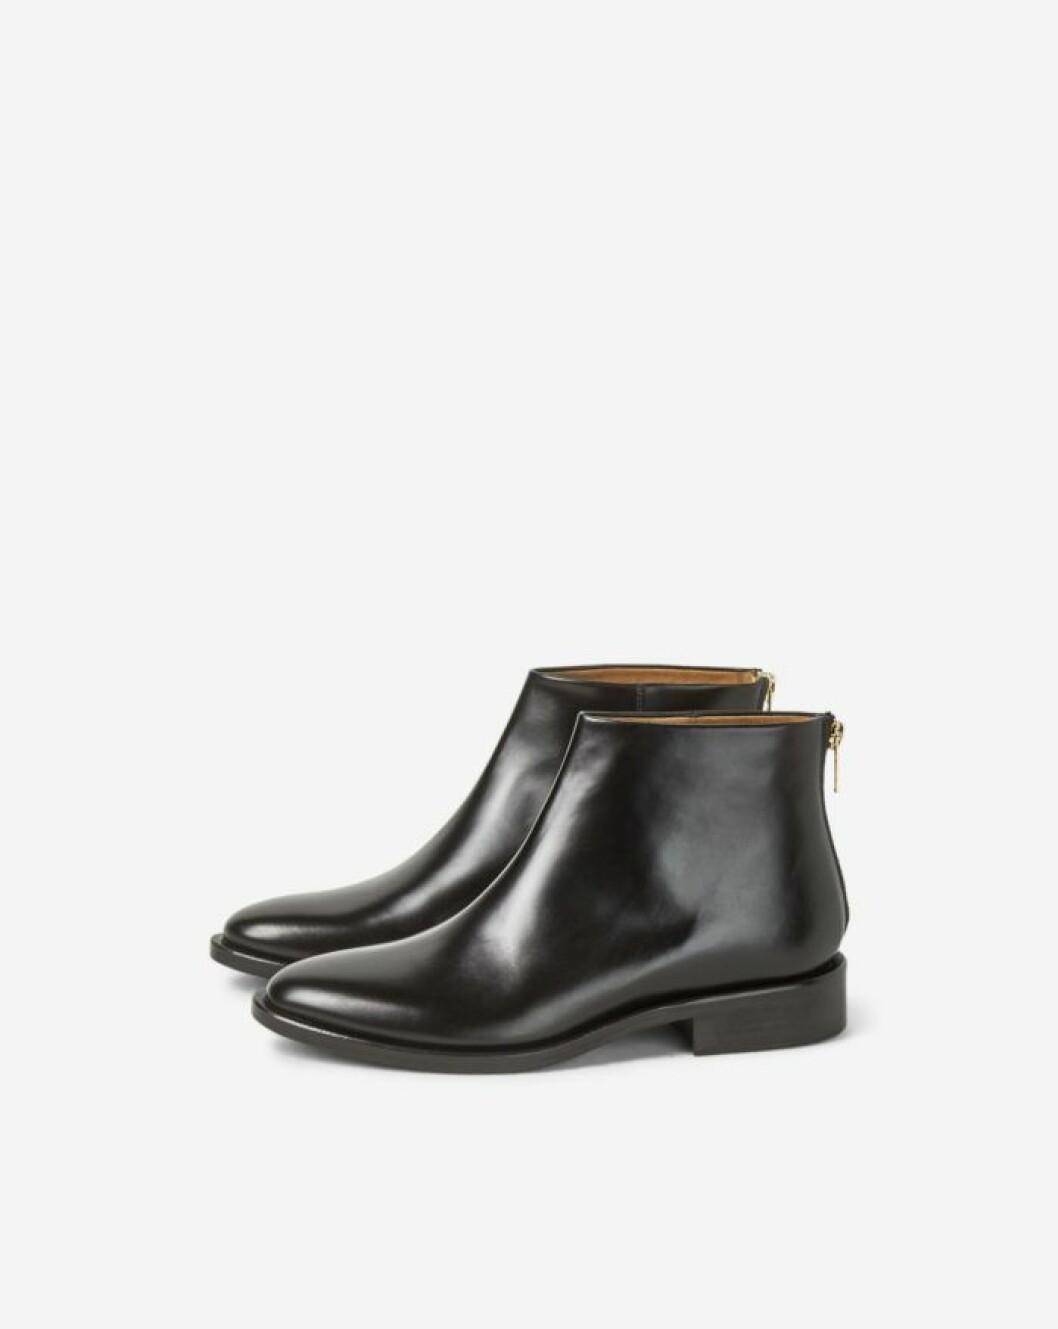 Svarta boots med lag klack fran Filippa K